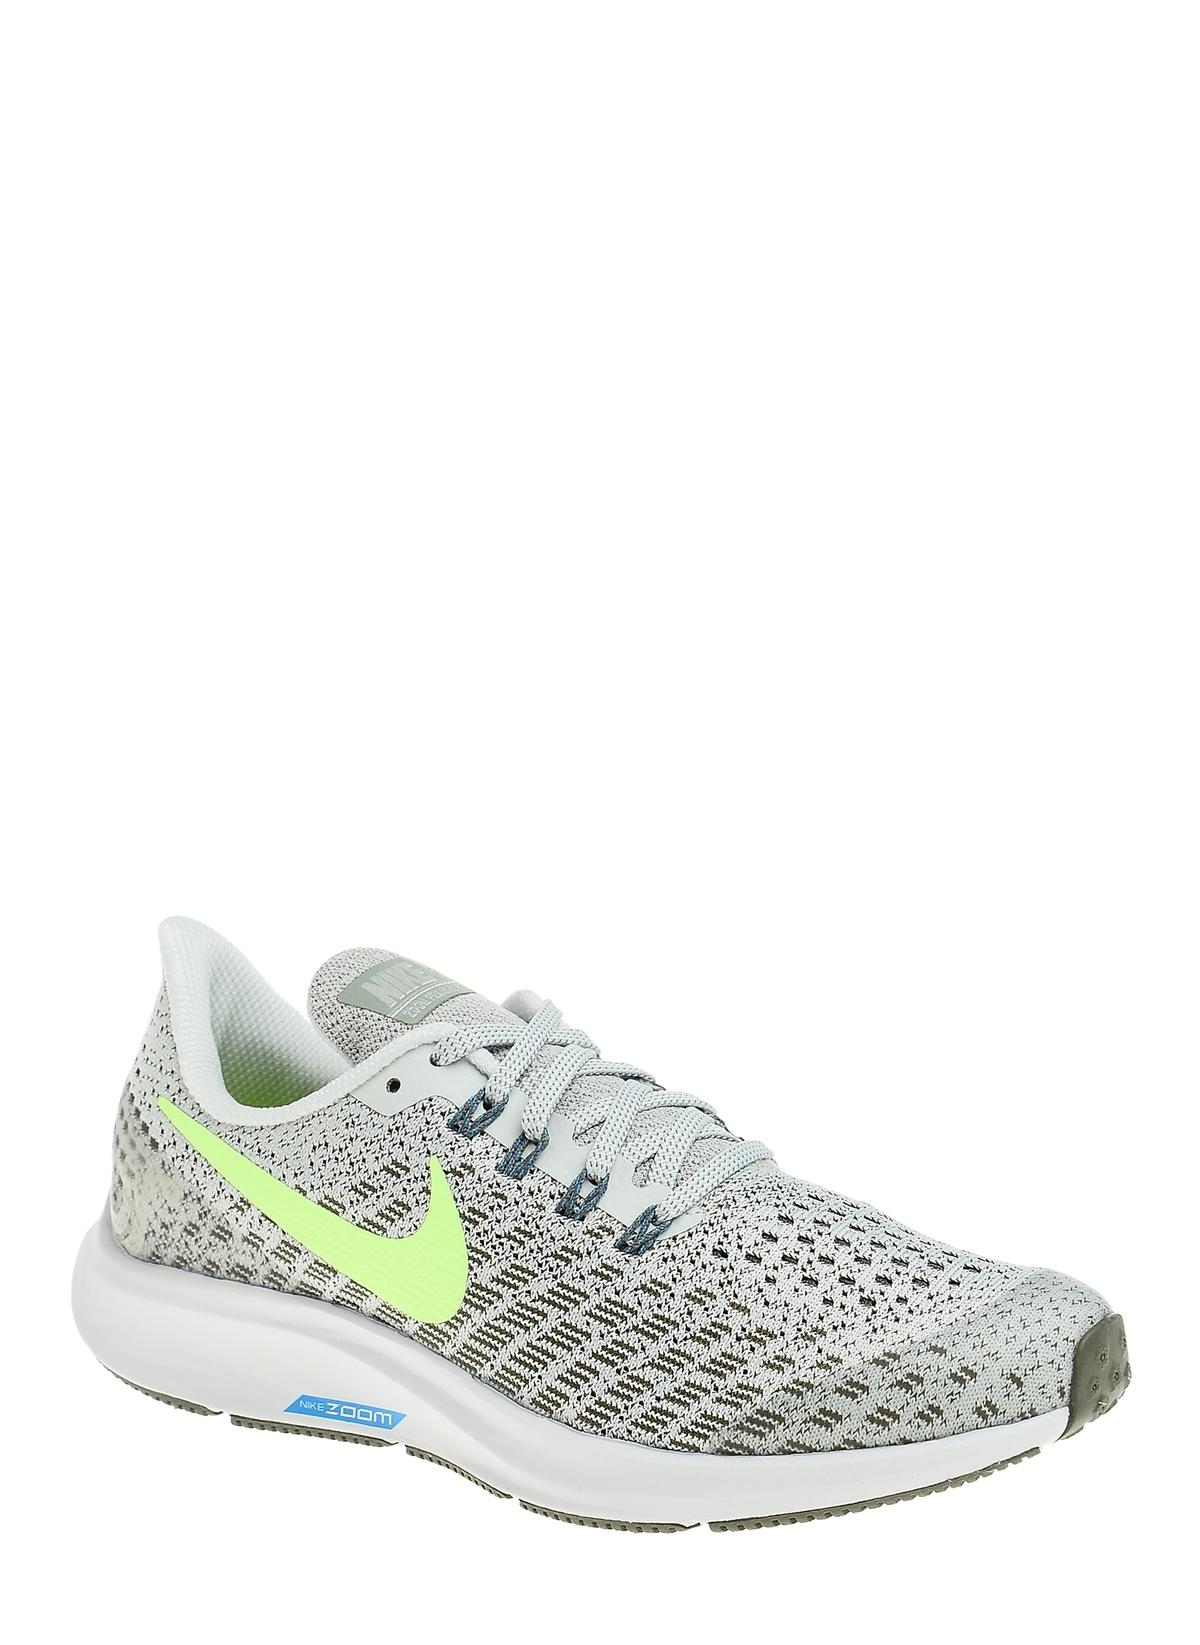 3076ee188824 Nike Pegasus Modelleri ve Fiyatları